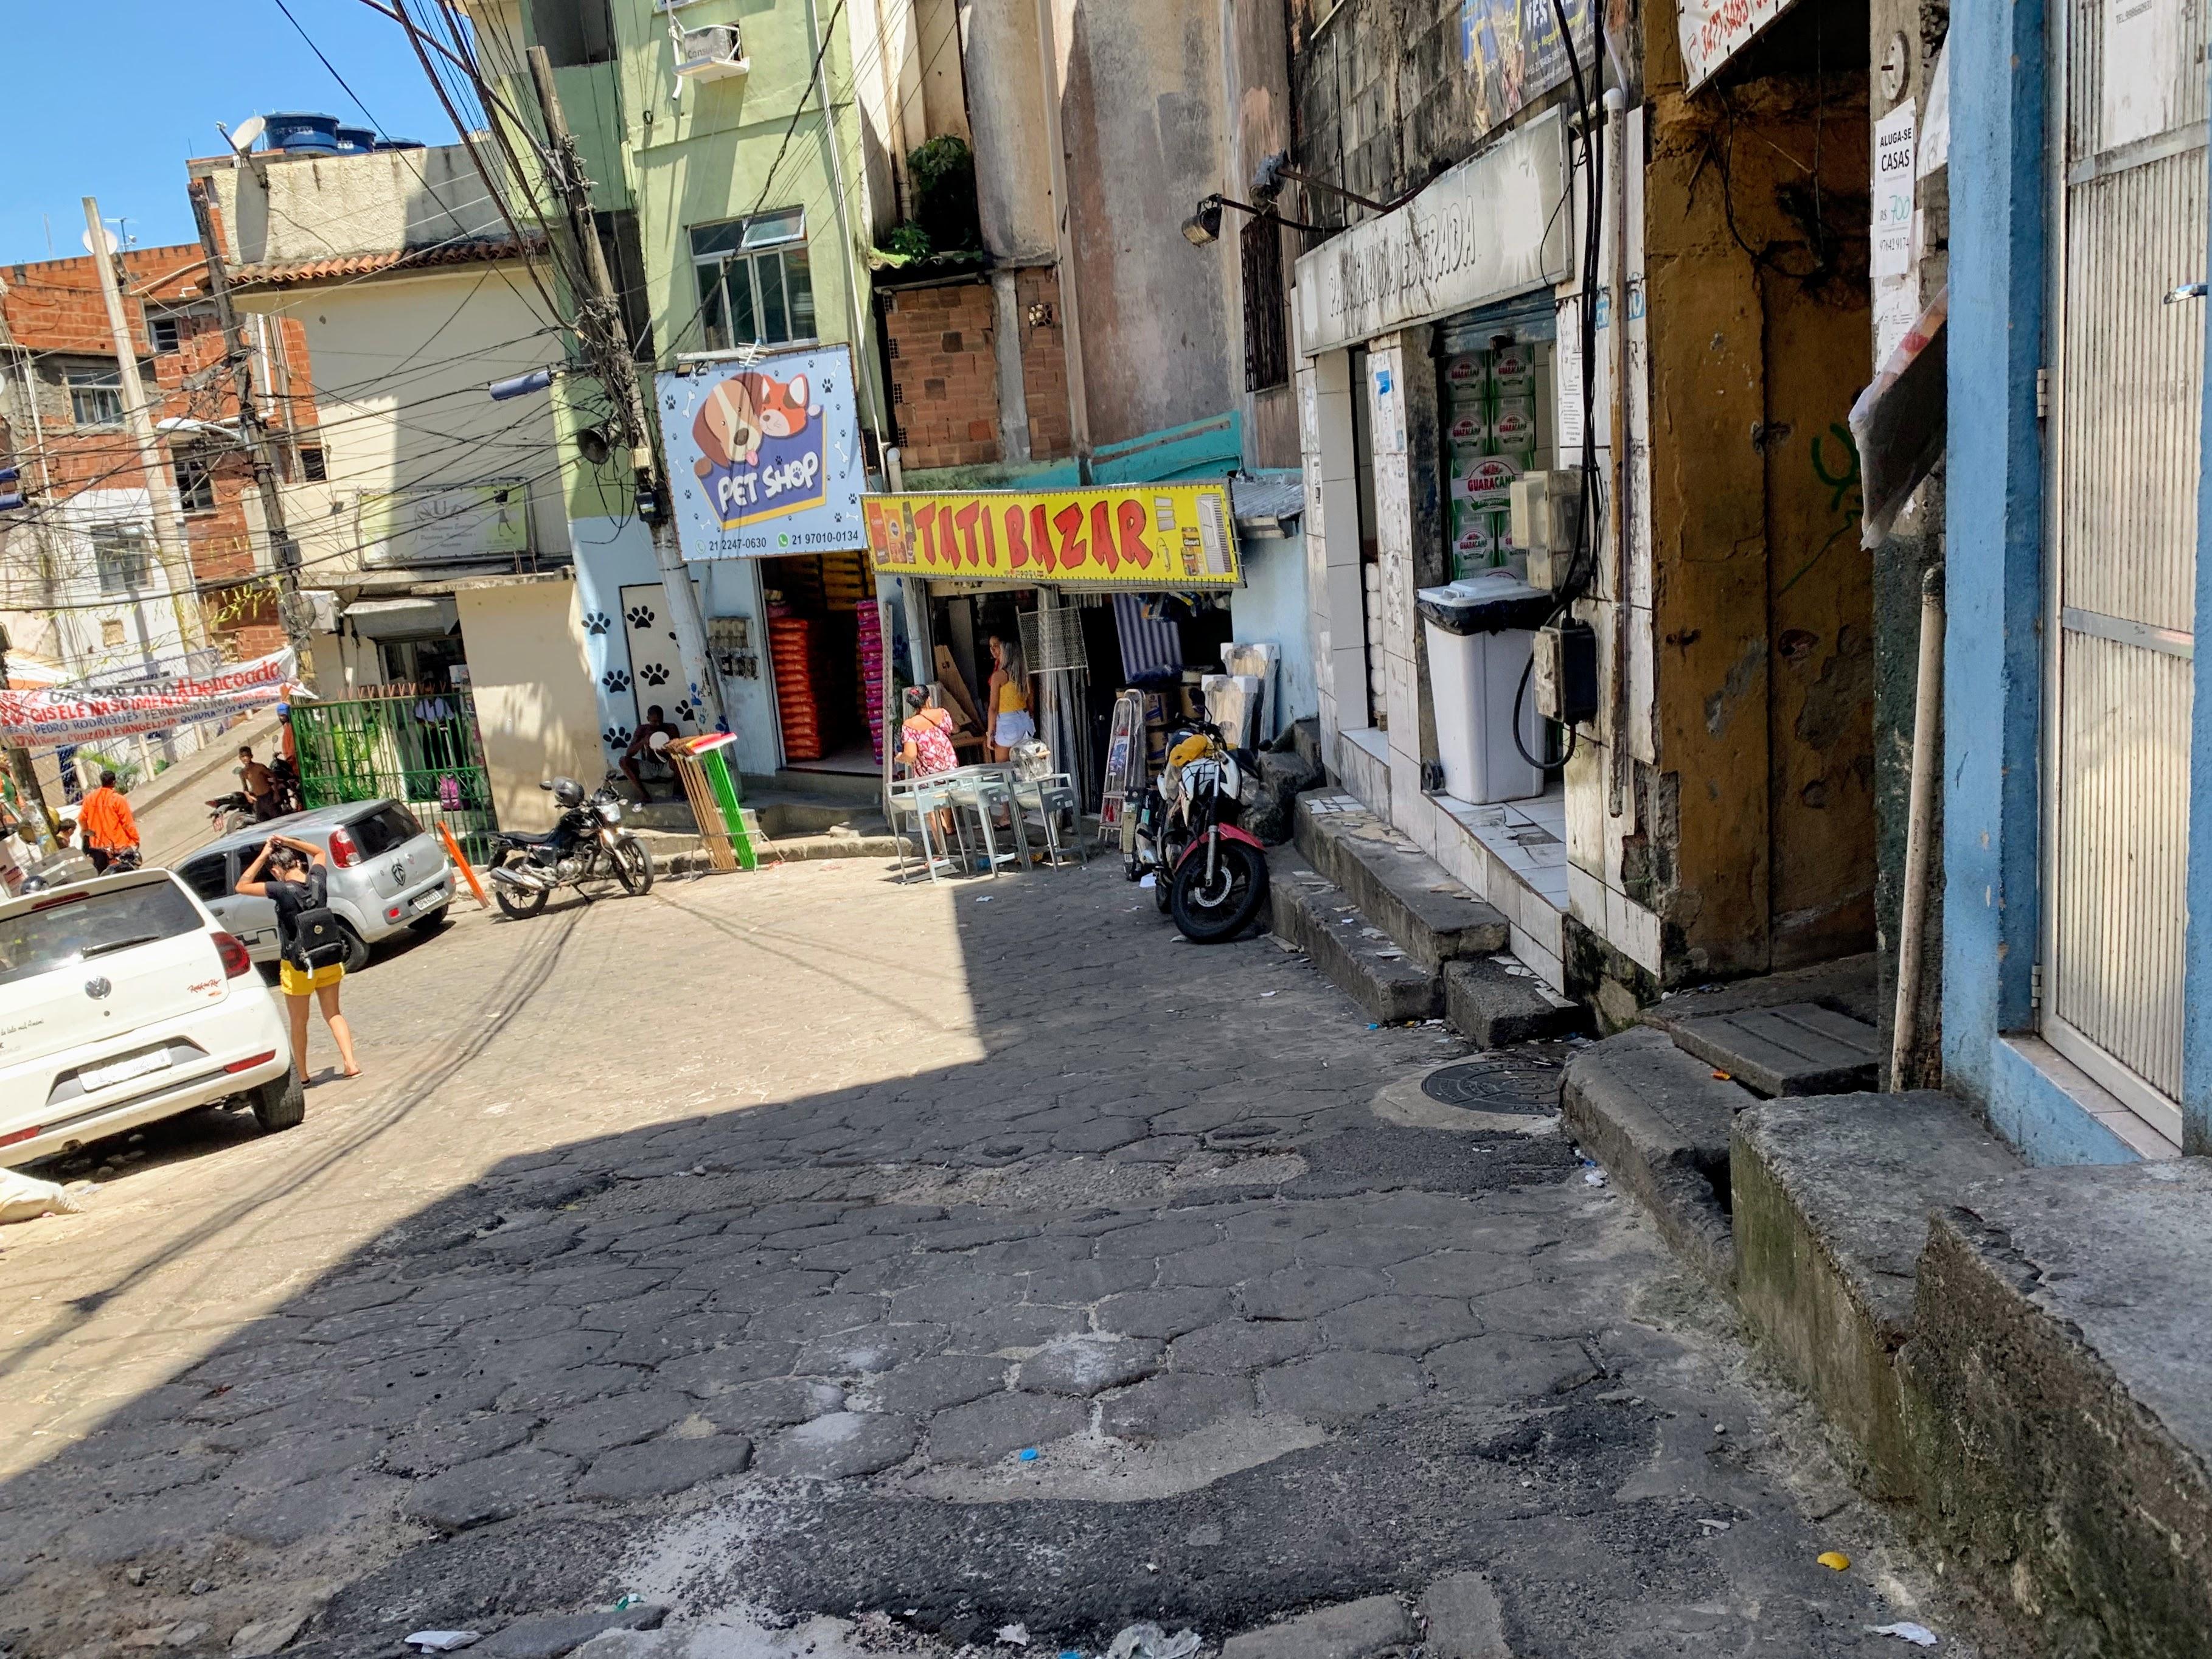 favela streets in rio de janeiro